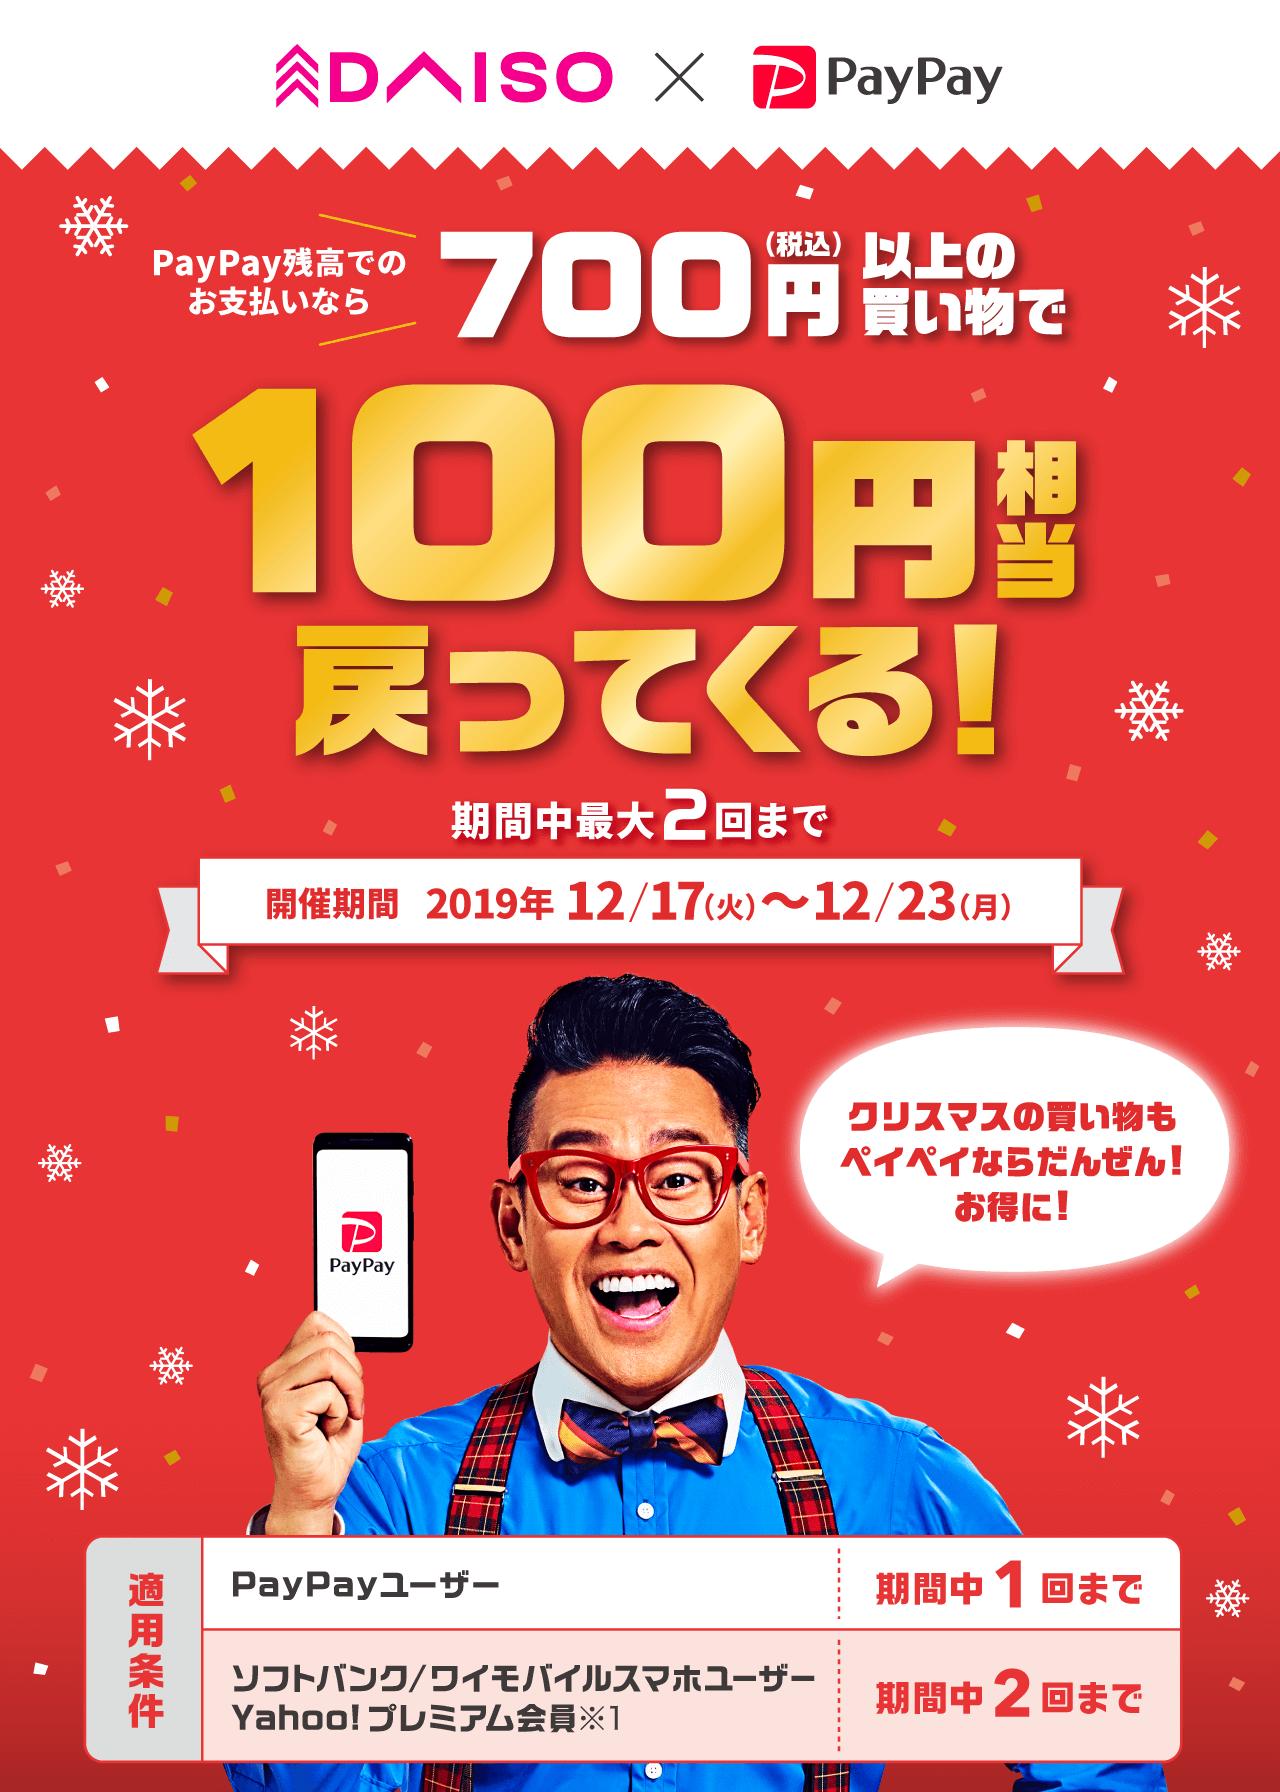 PayPay残高でのお支払いなら 700円(税込)以上のお買い物で100円相当戻ってくる!